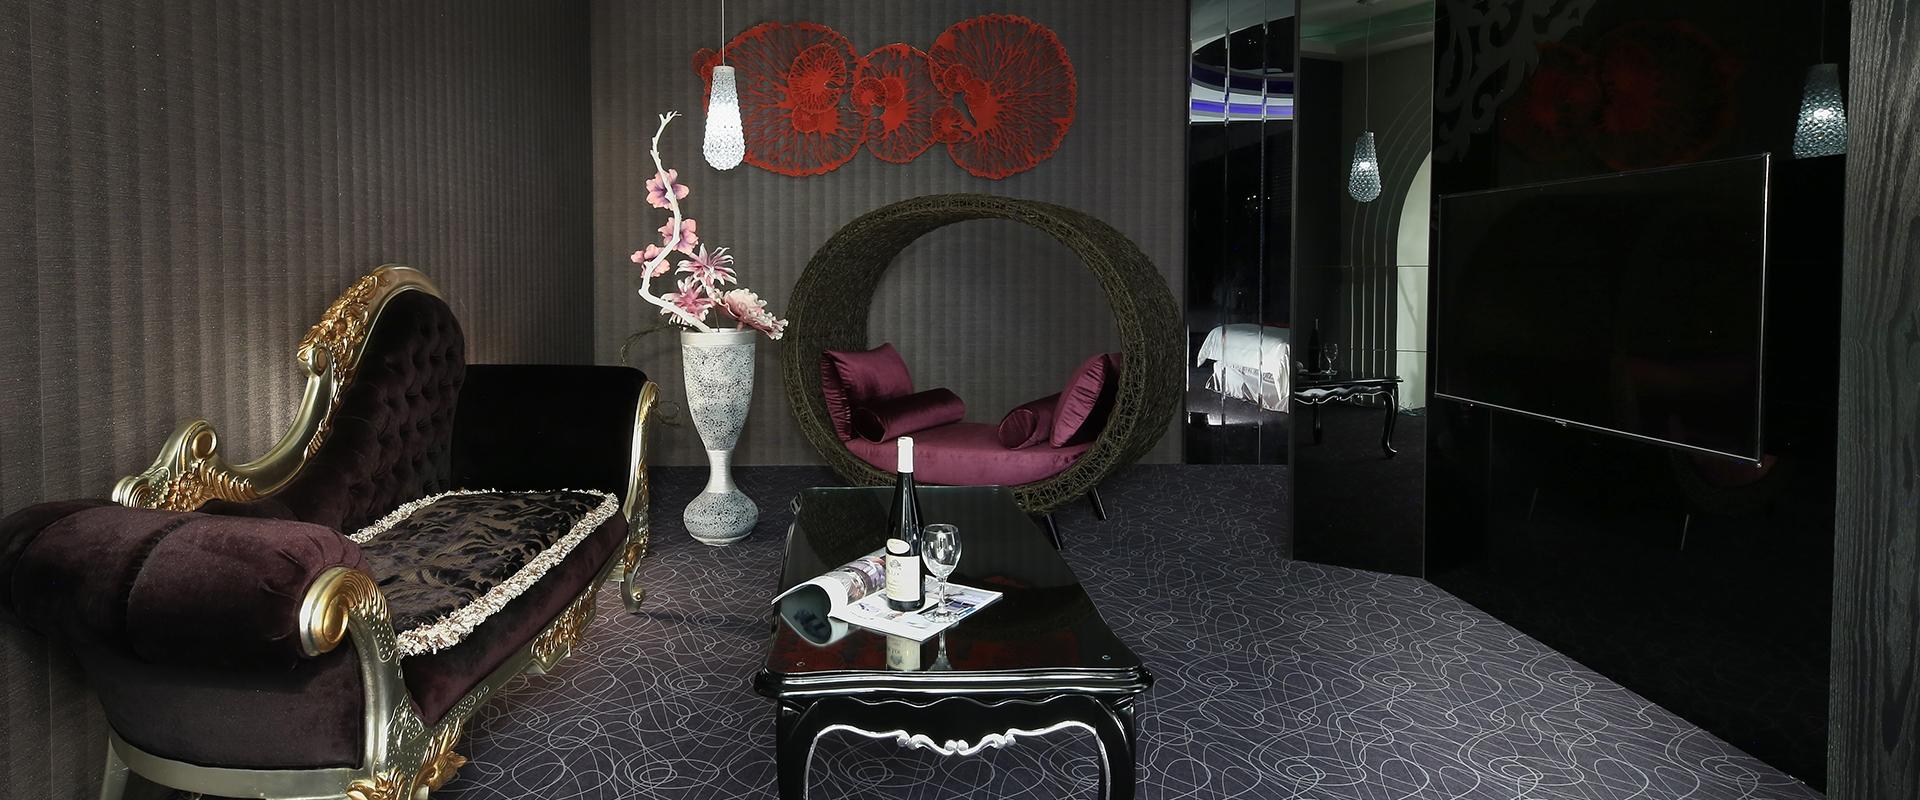 room201-05